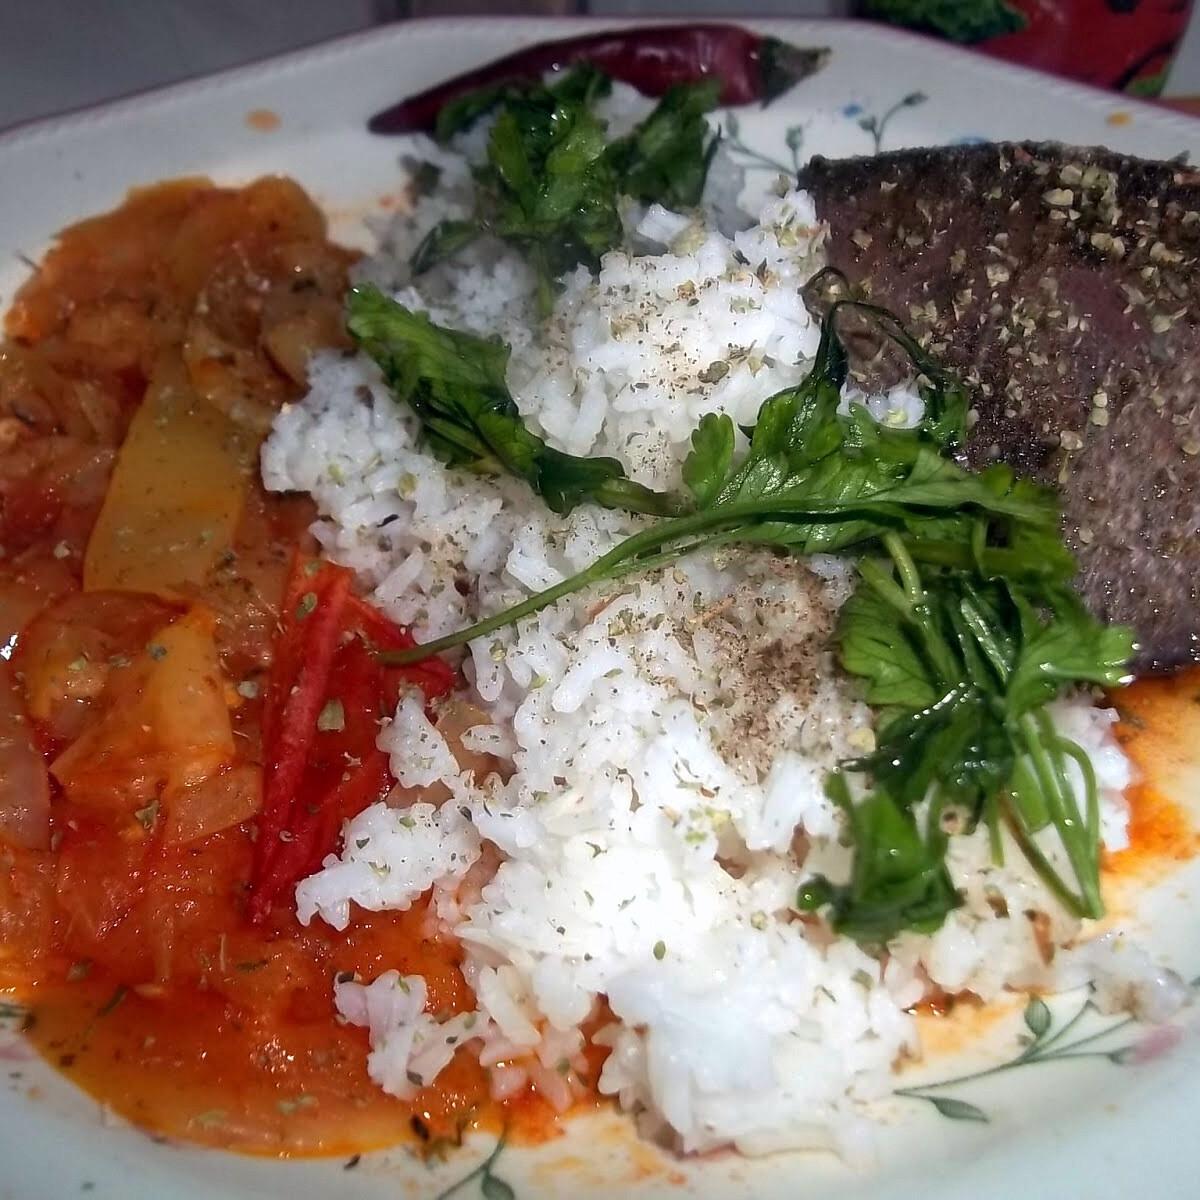 Ezen a képen: Grillezett sertésmáj lecsóval és rizzsel